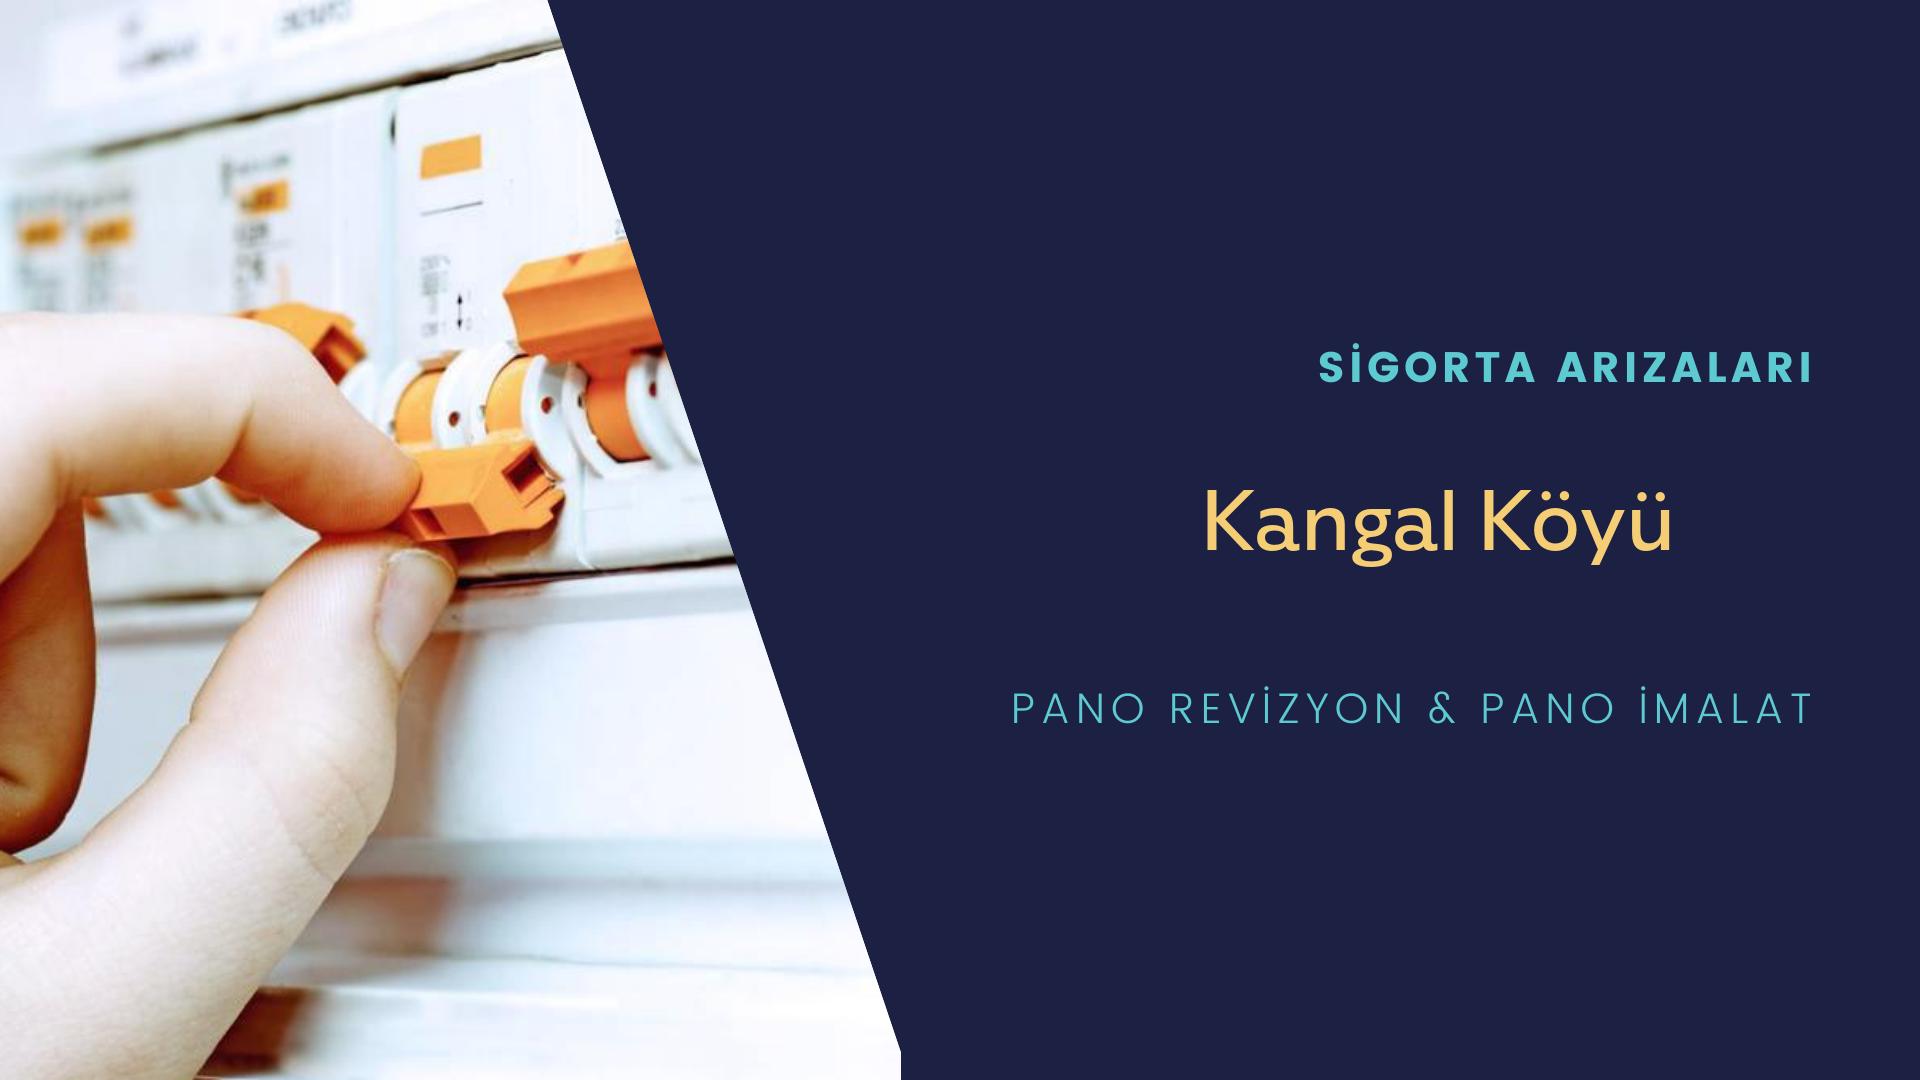 Kangal Köyü Sigorta Arızaları İçin Profesyonel Elektrikçi ustalarımızı dilediğiniz zaman arayabilir talepte bulunabilirsiniz.